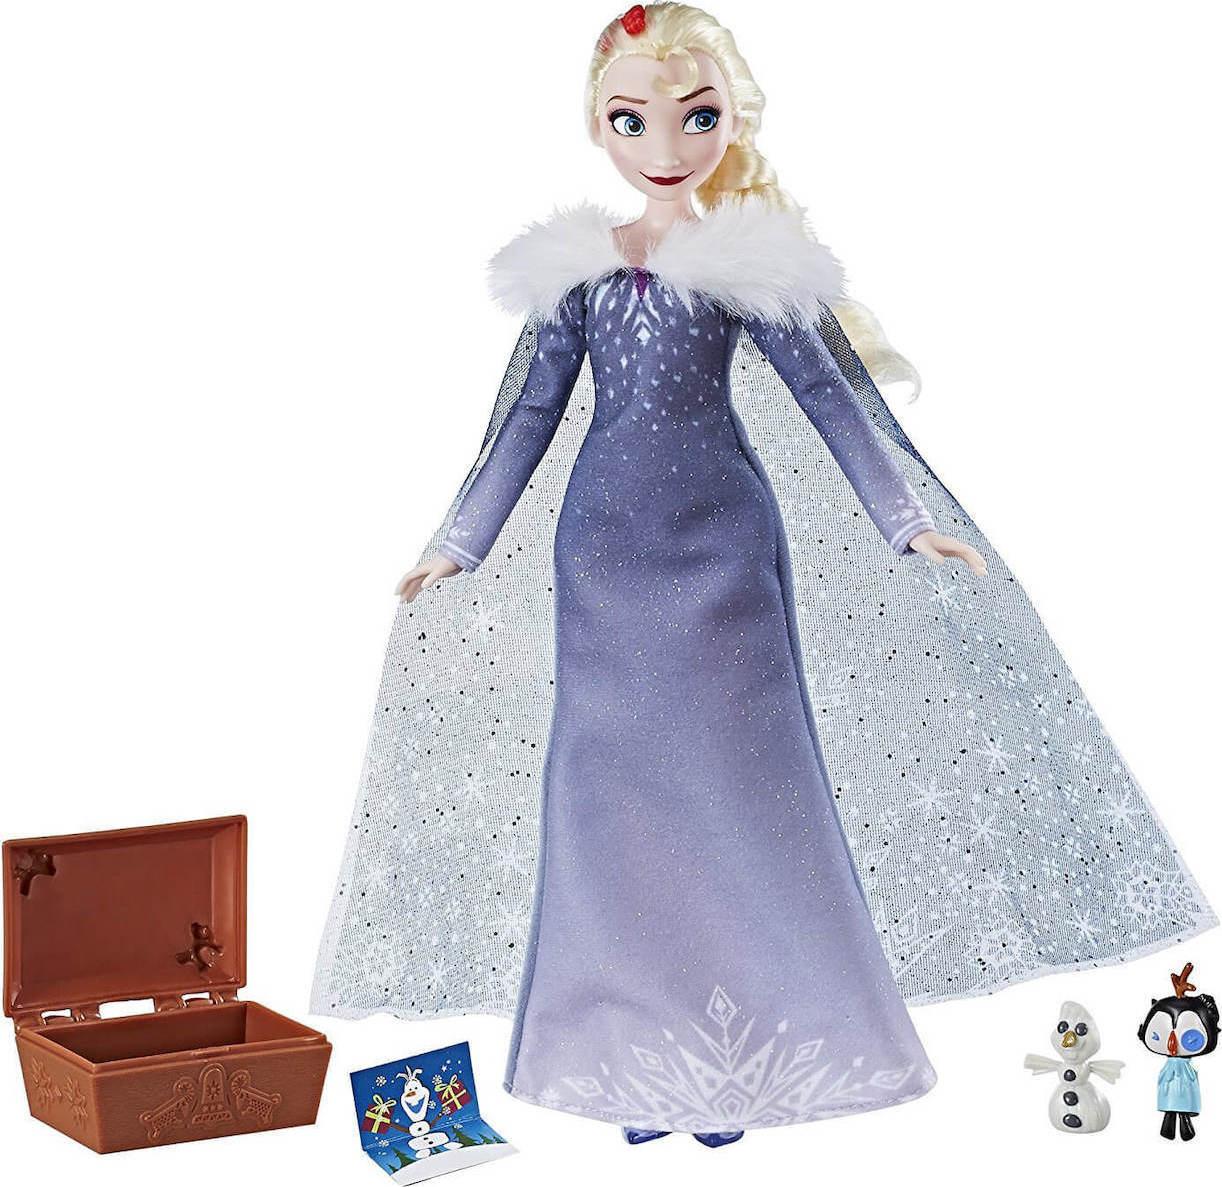 77e9b867d9 Προσθήκη στα αγαπημένα menu Hasbro Disney Frozen Elsa`s Treasured Traditions